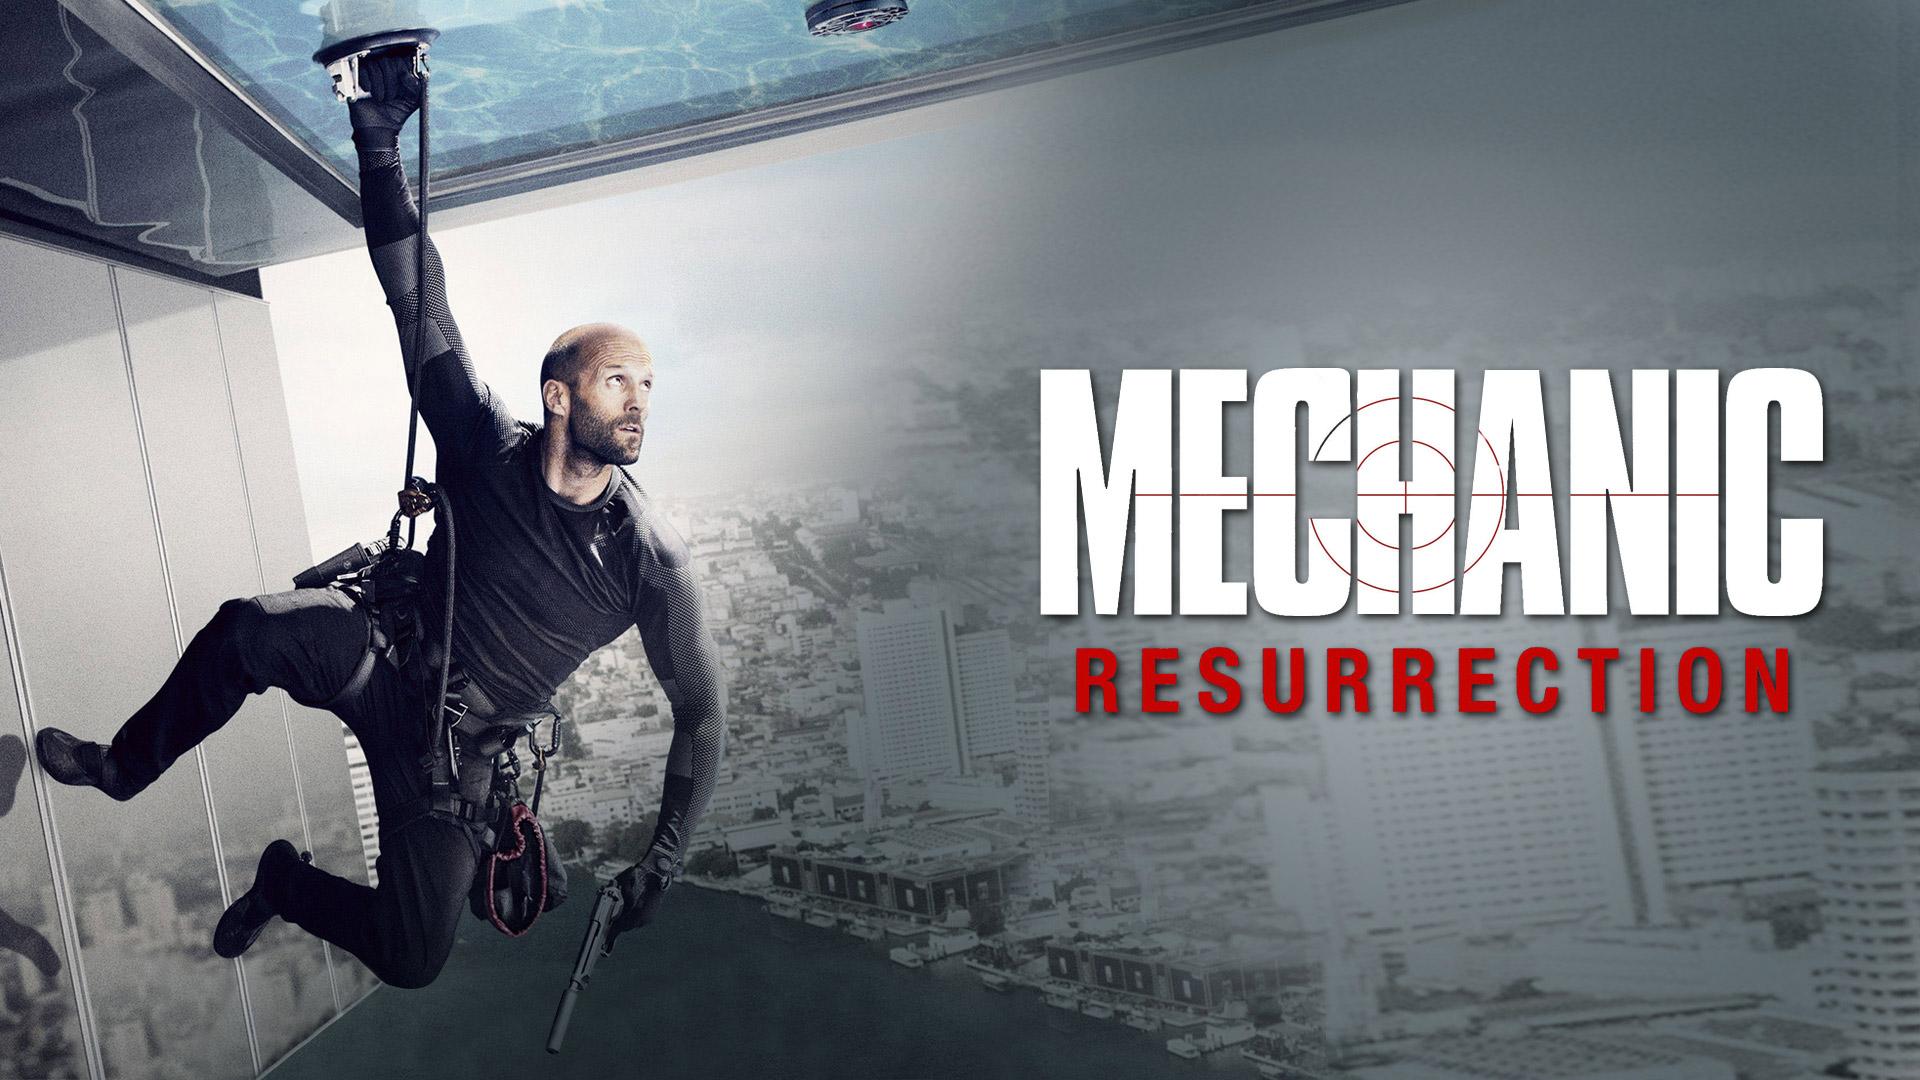 Mechanic: Resurrection (4K UHD)